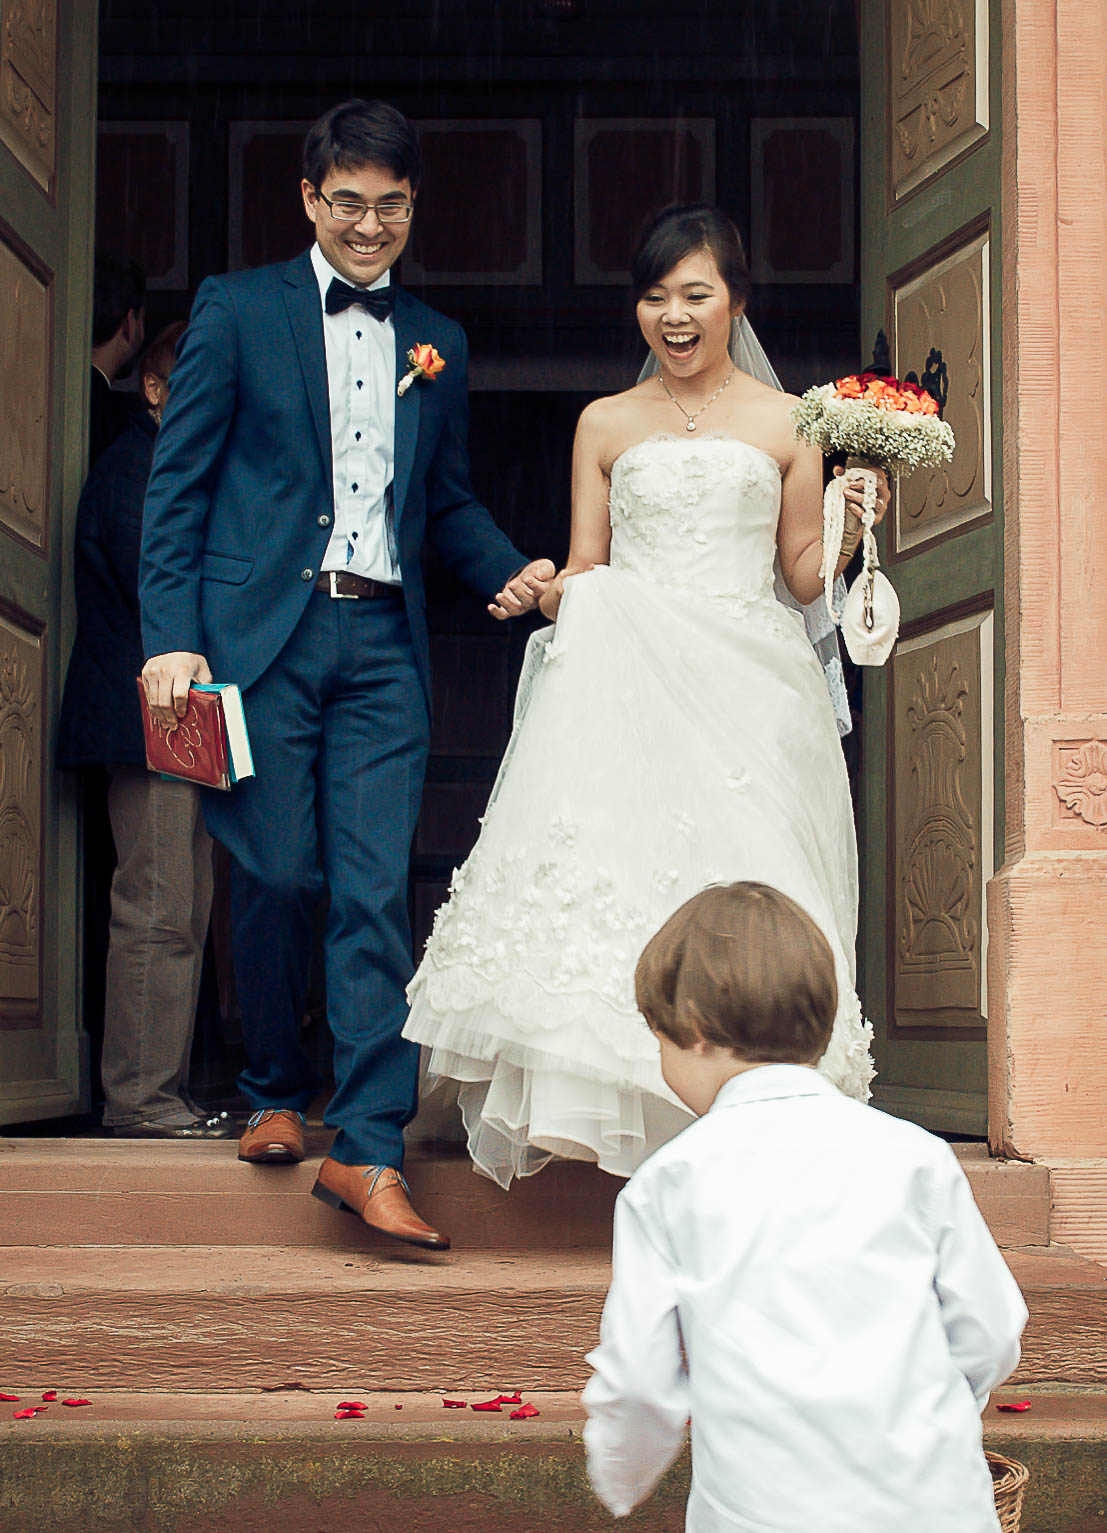 Hochzeitsreportage_WibkeSommer01